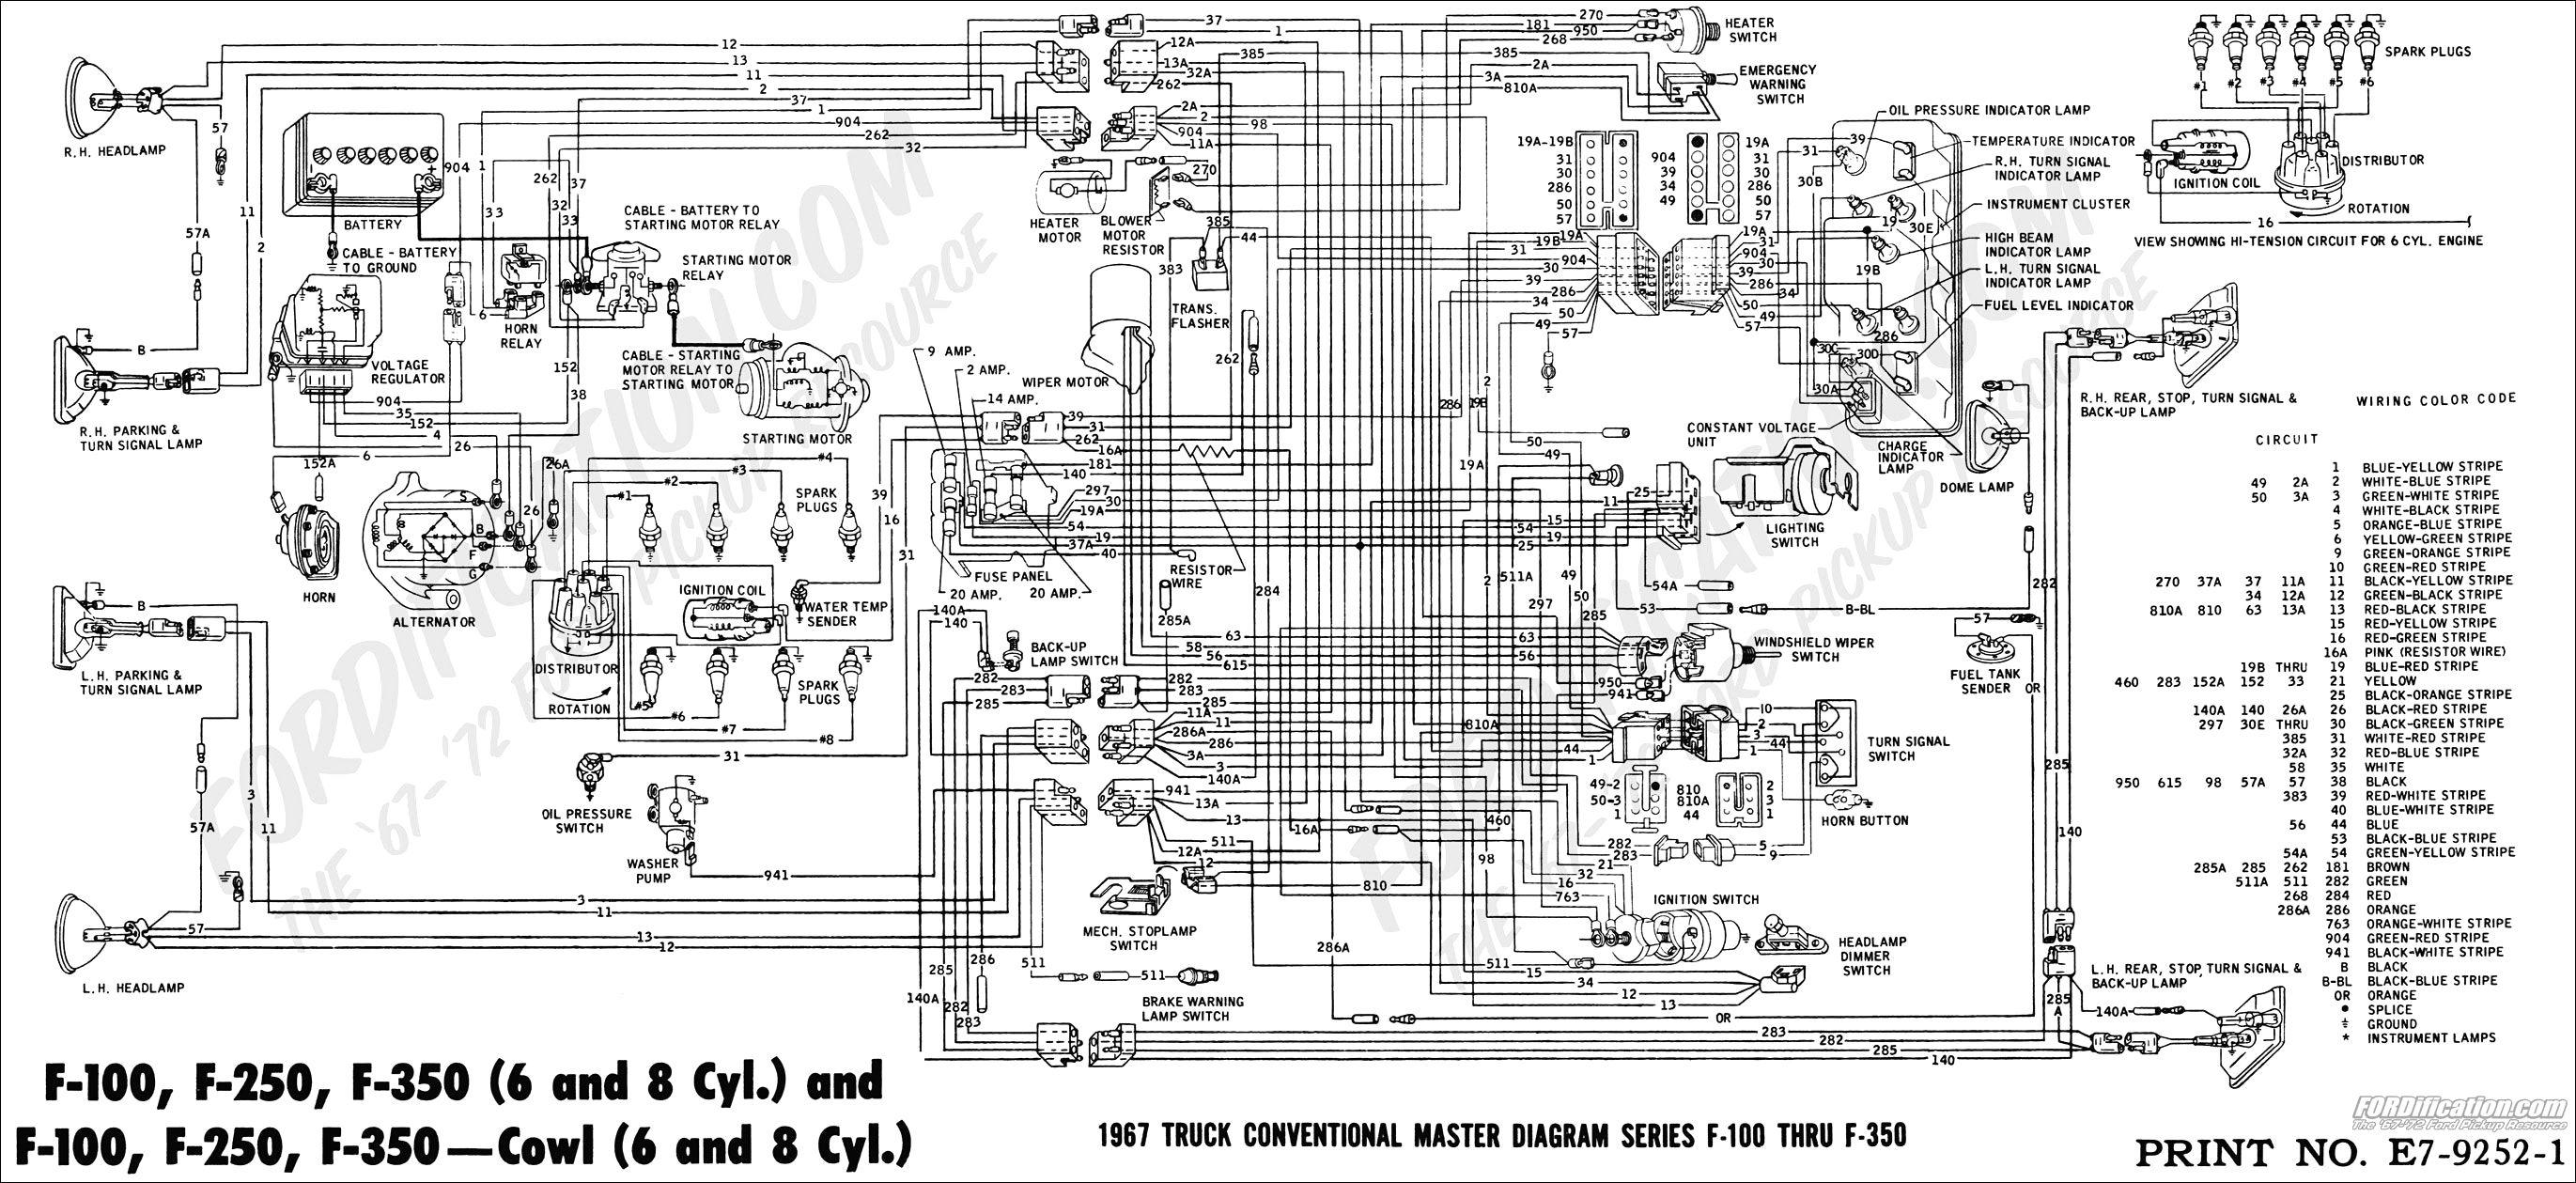 1993 ford f 150 wire schematics 2000 f150 wiring diagram collection koreasee com inside 1993 ford  2000 f150 wiring diagram collection